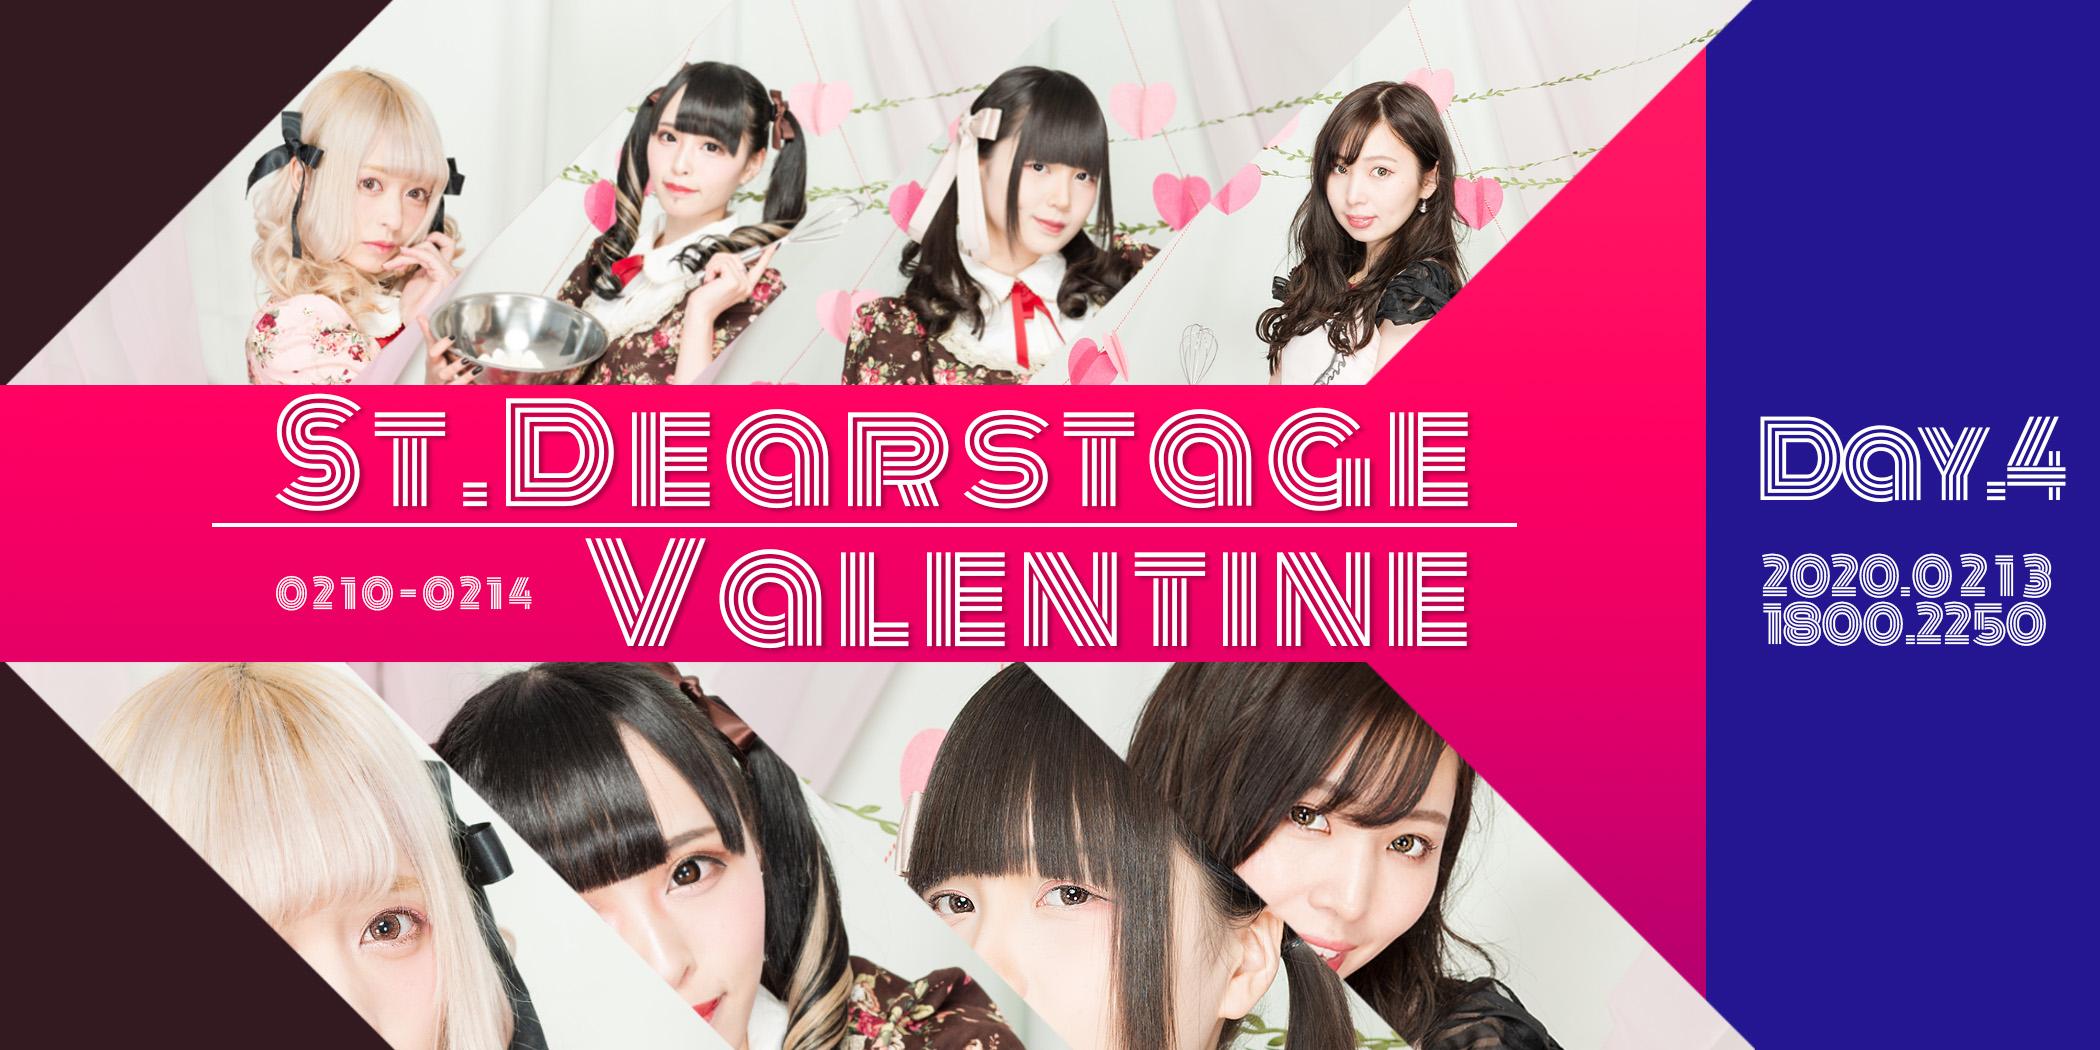 St. DEARSTAGE VALENTINE Day4